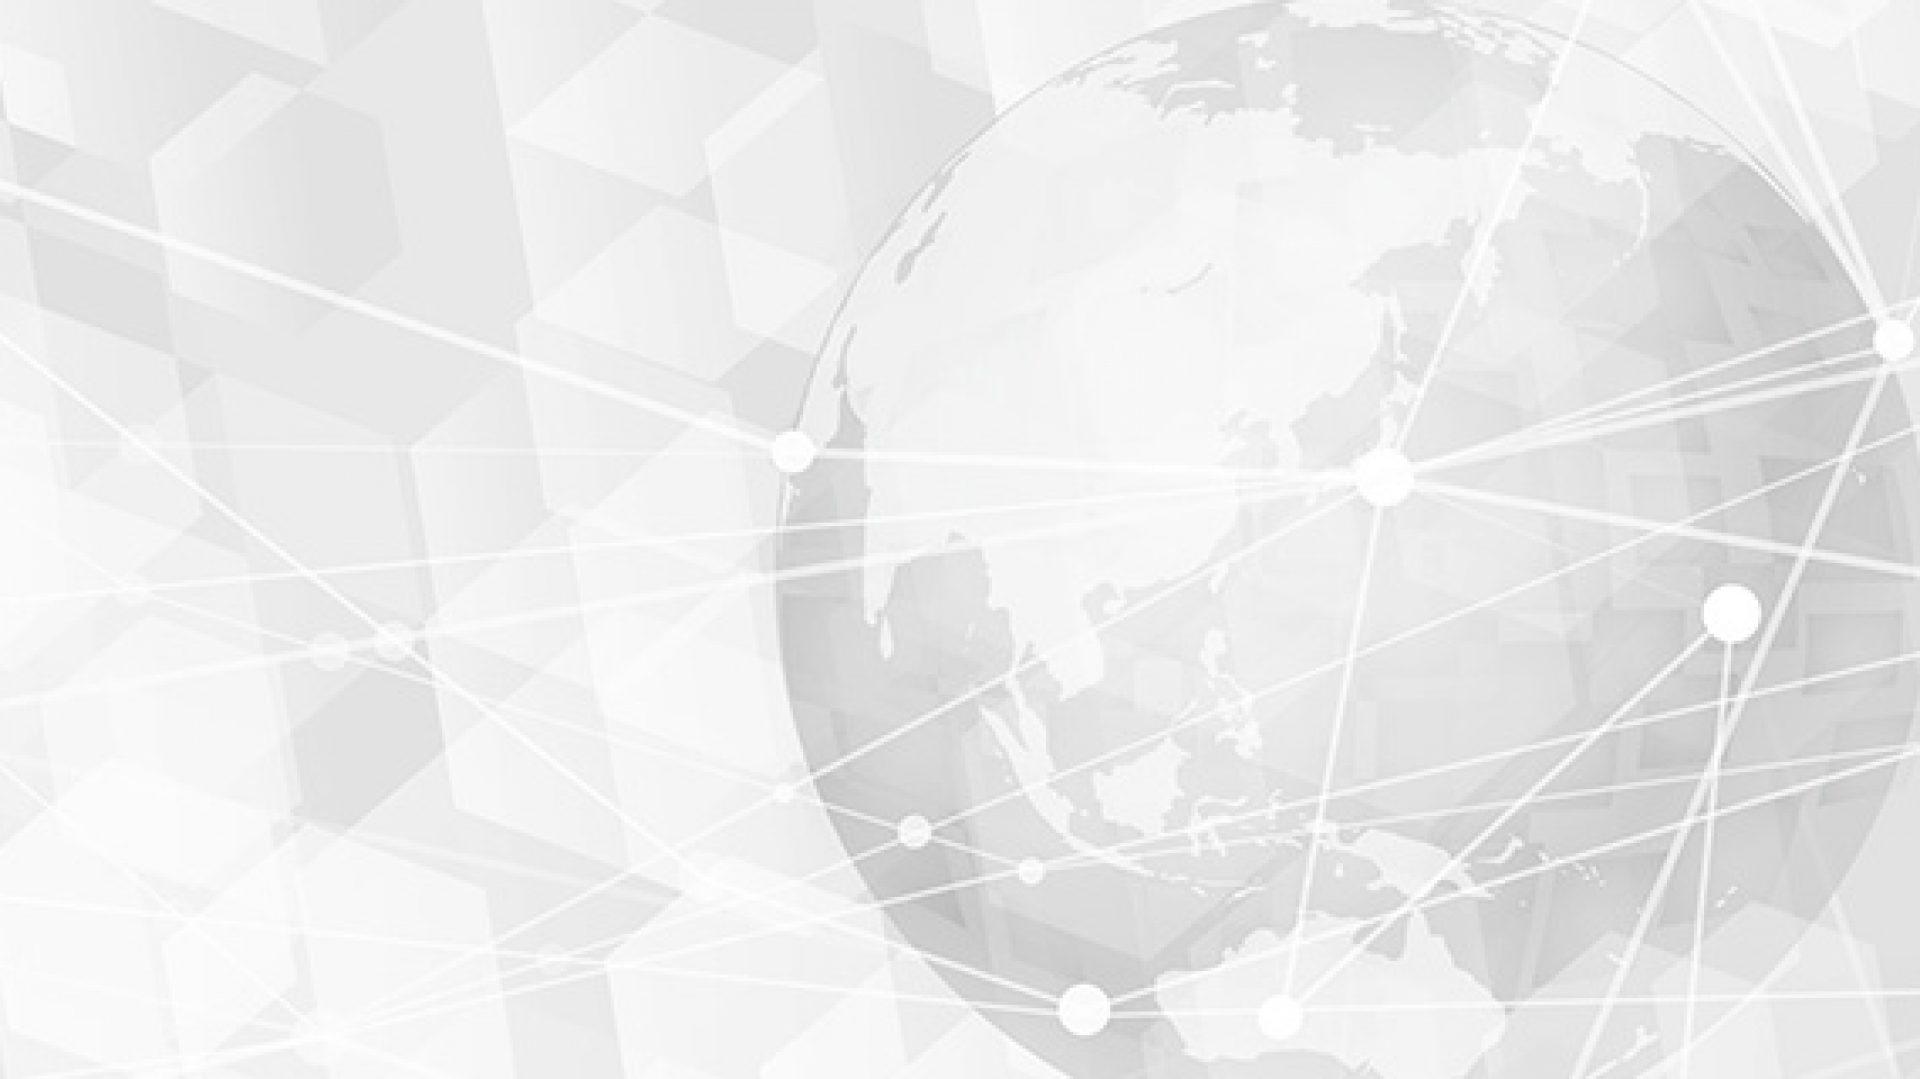 国内唯一のベトナム不動産投資の専門サイト | 株式会社 地球と不動産